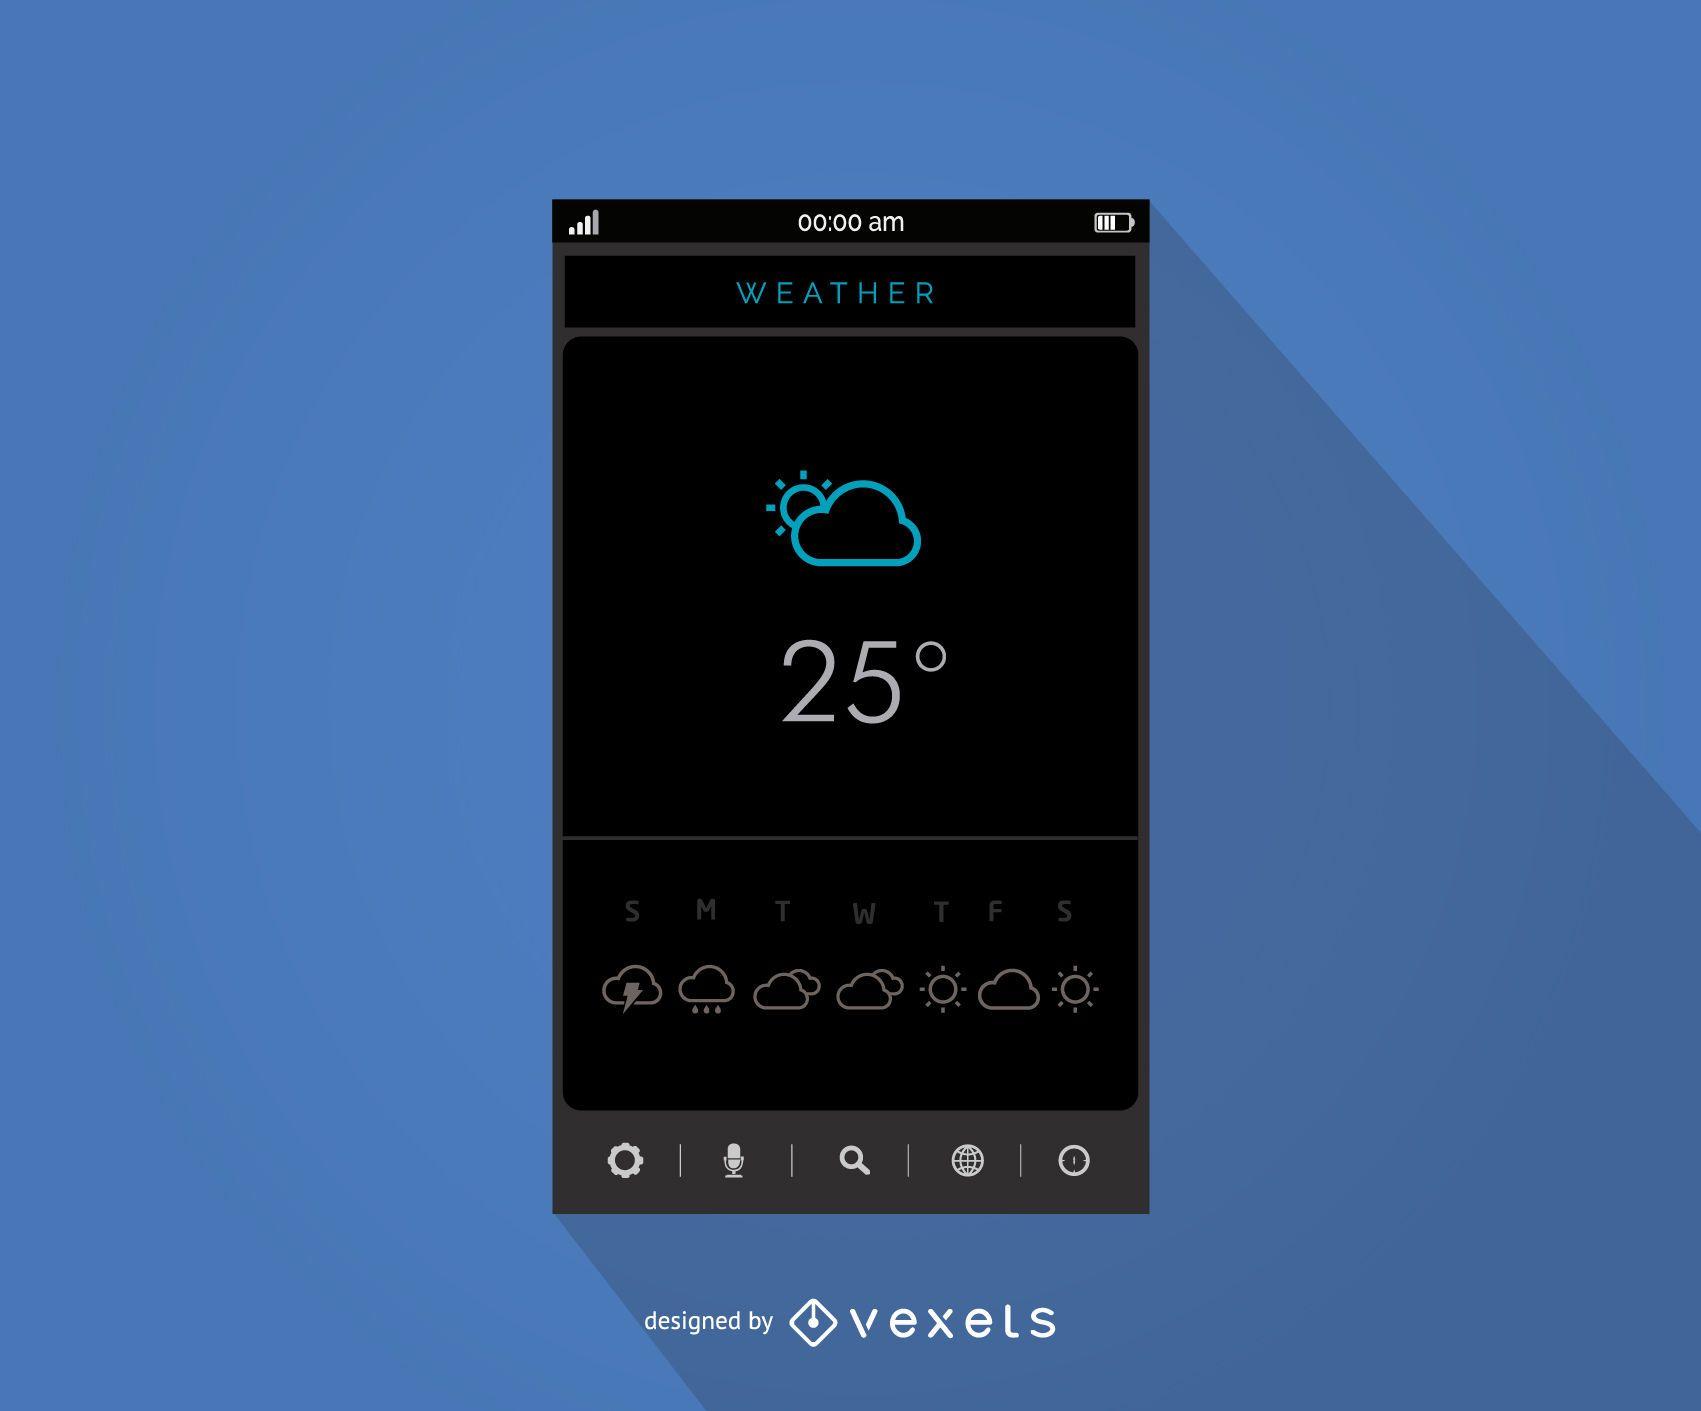 Diseño de interfaz de aplicación meteorológica móvil